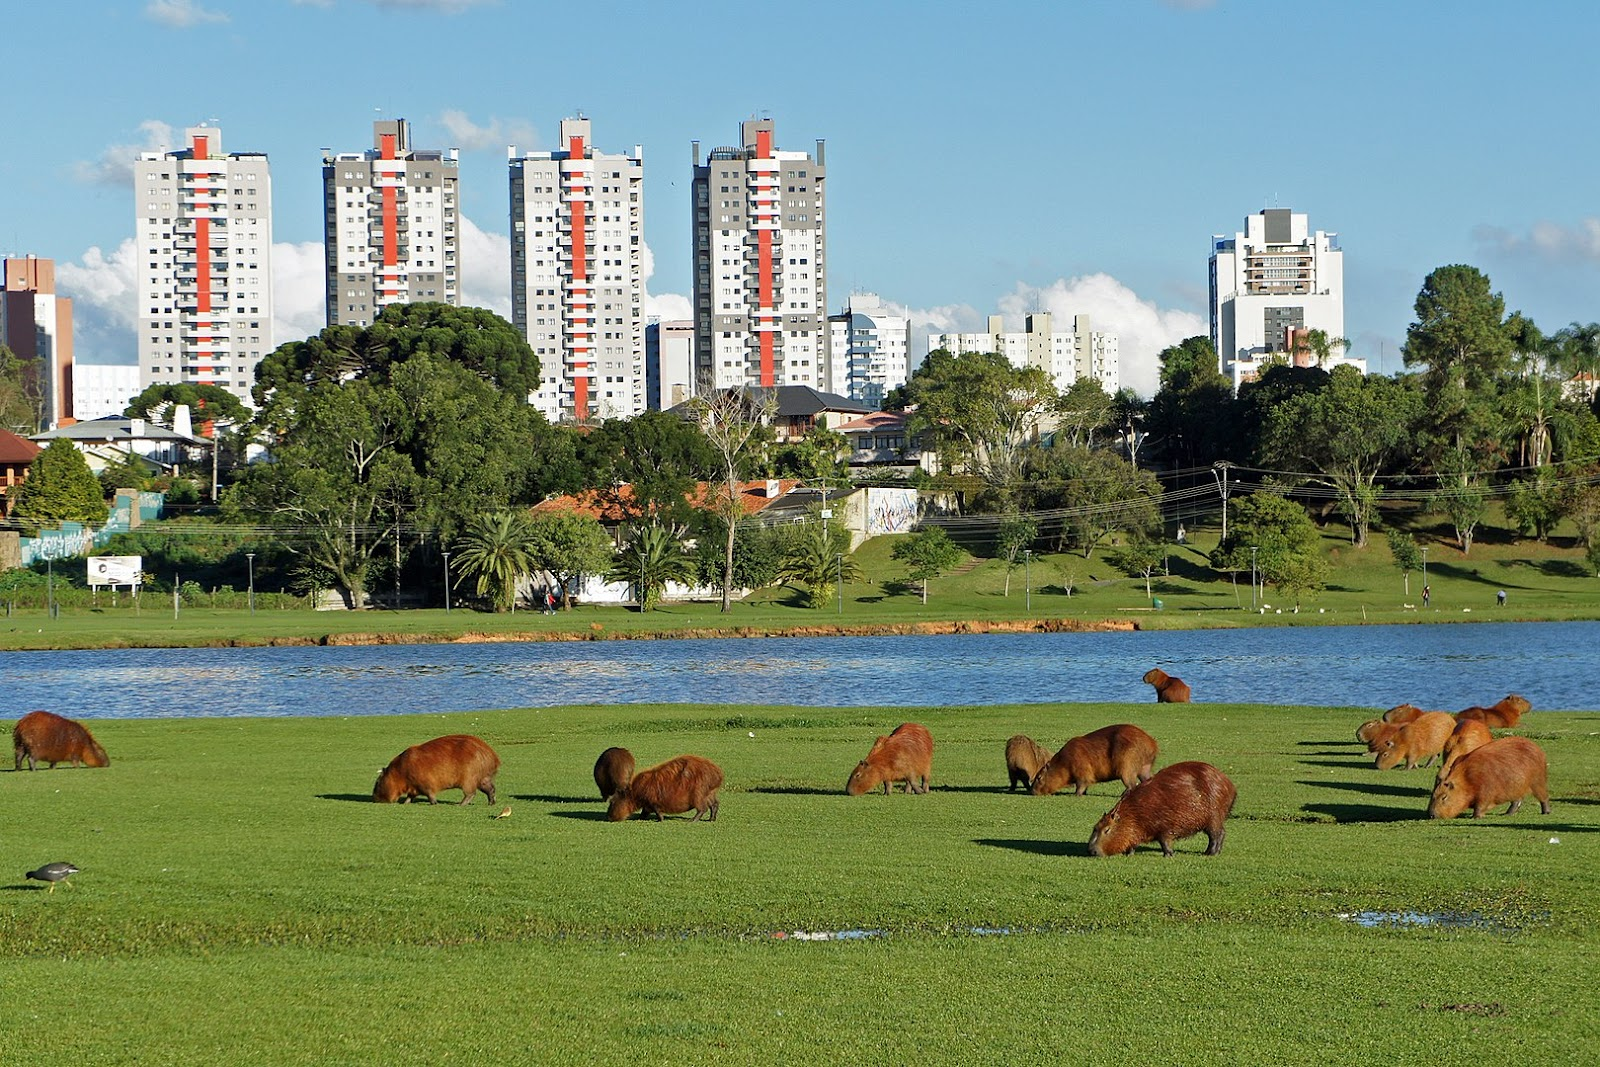 Capivaras no parque Barigui em Curitiba